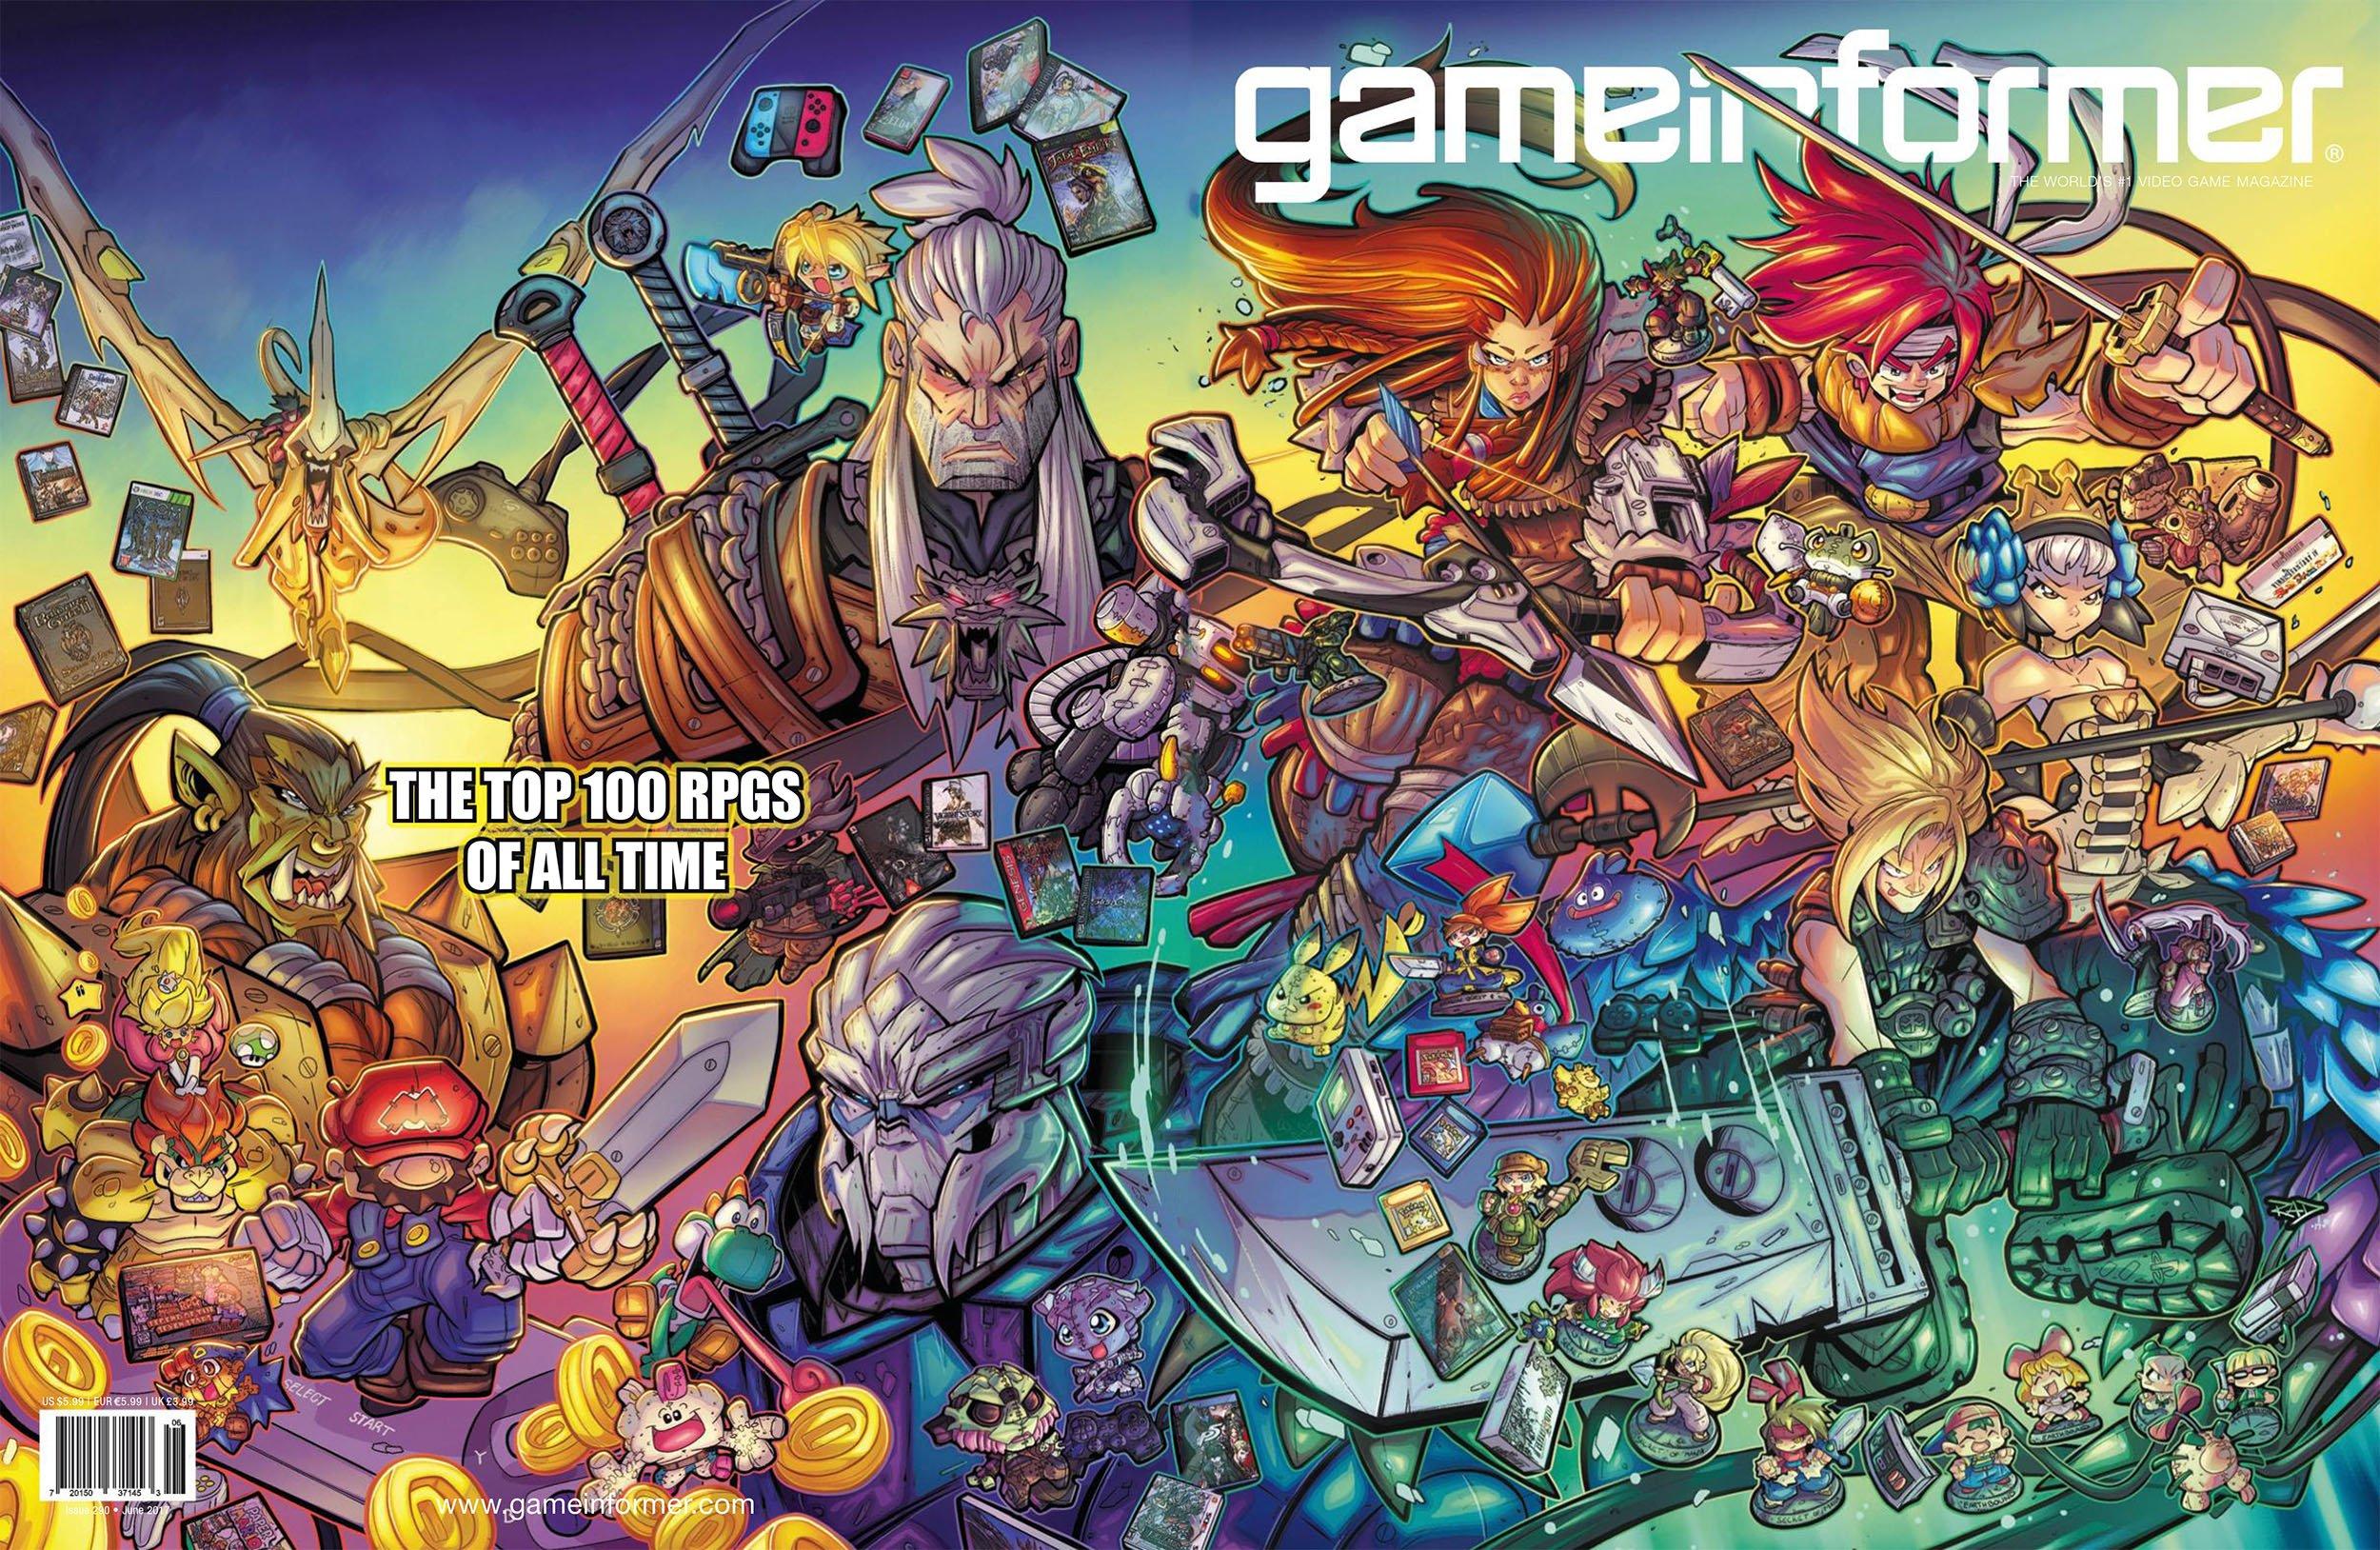 Game Informer Issue 290 June 2017 (full)